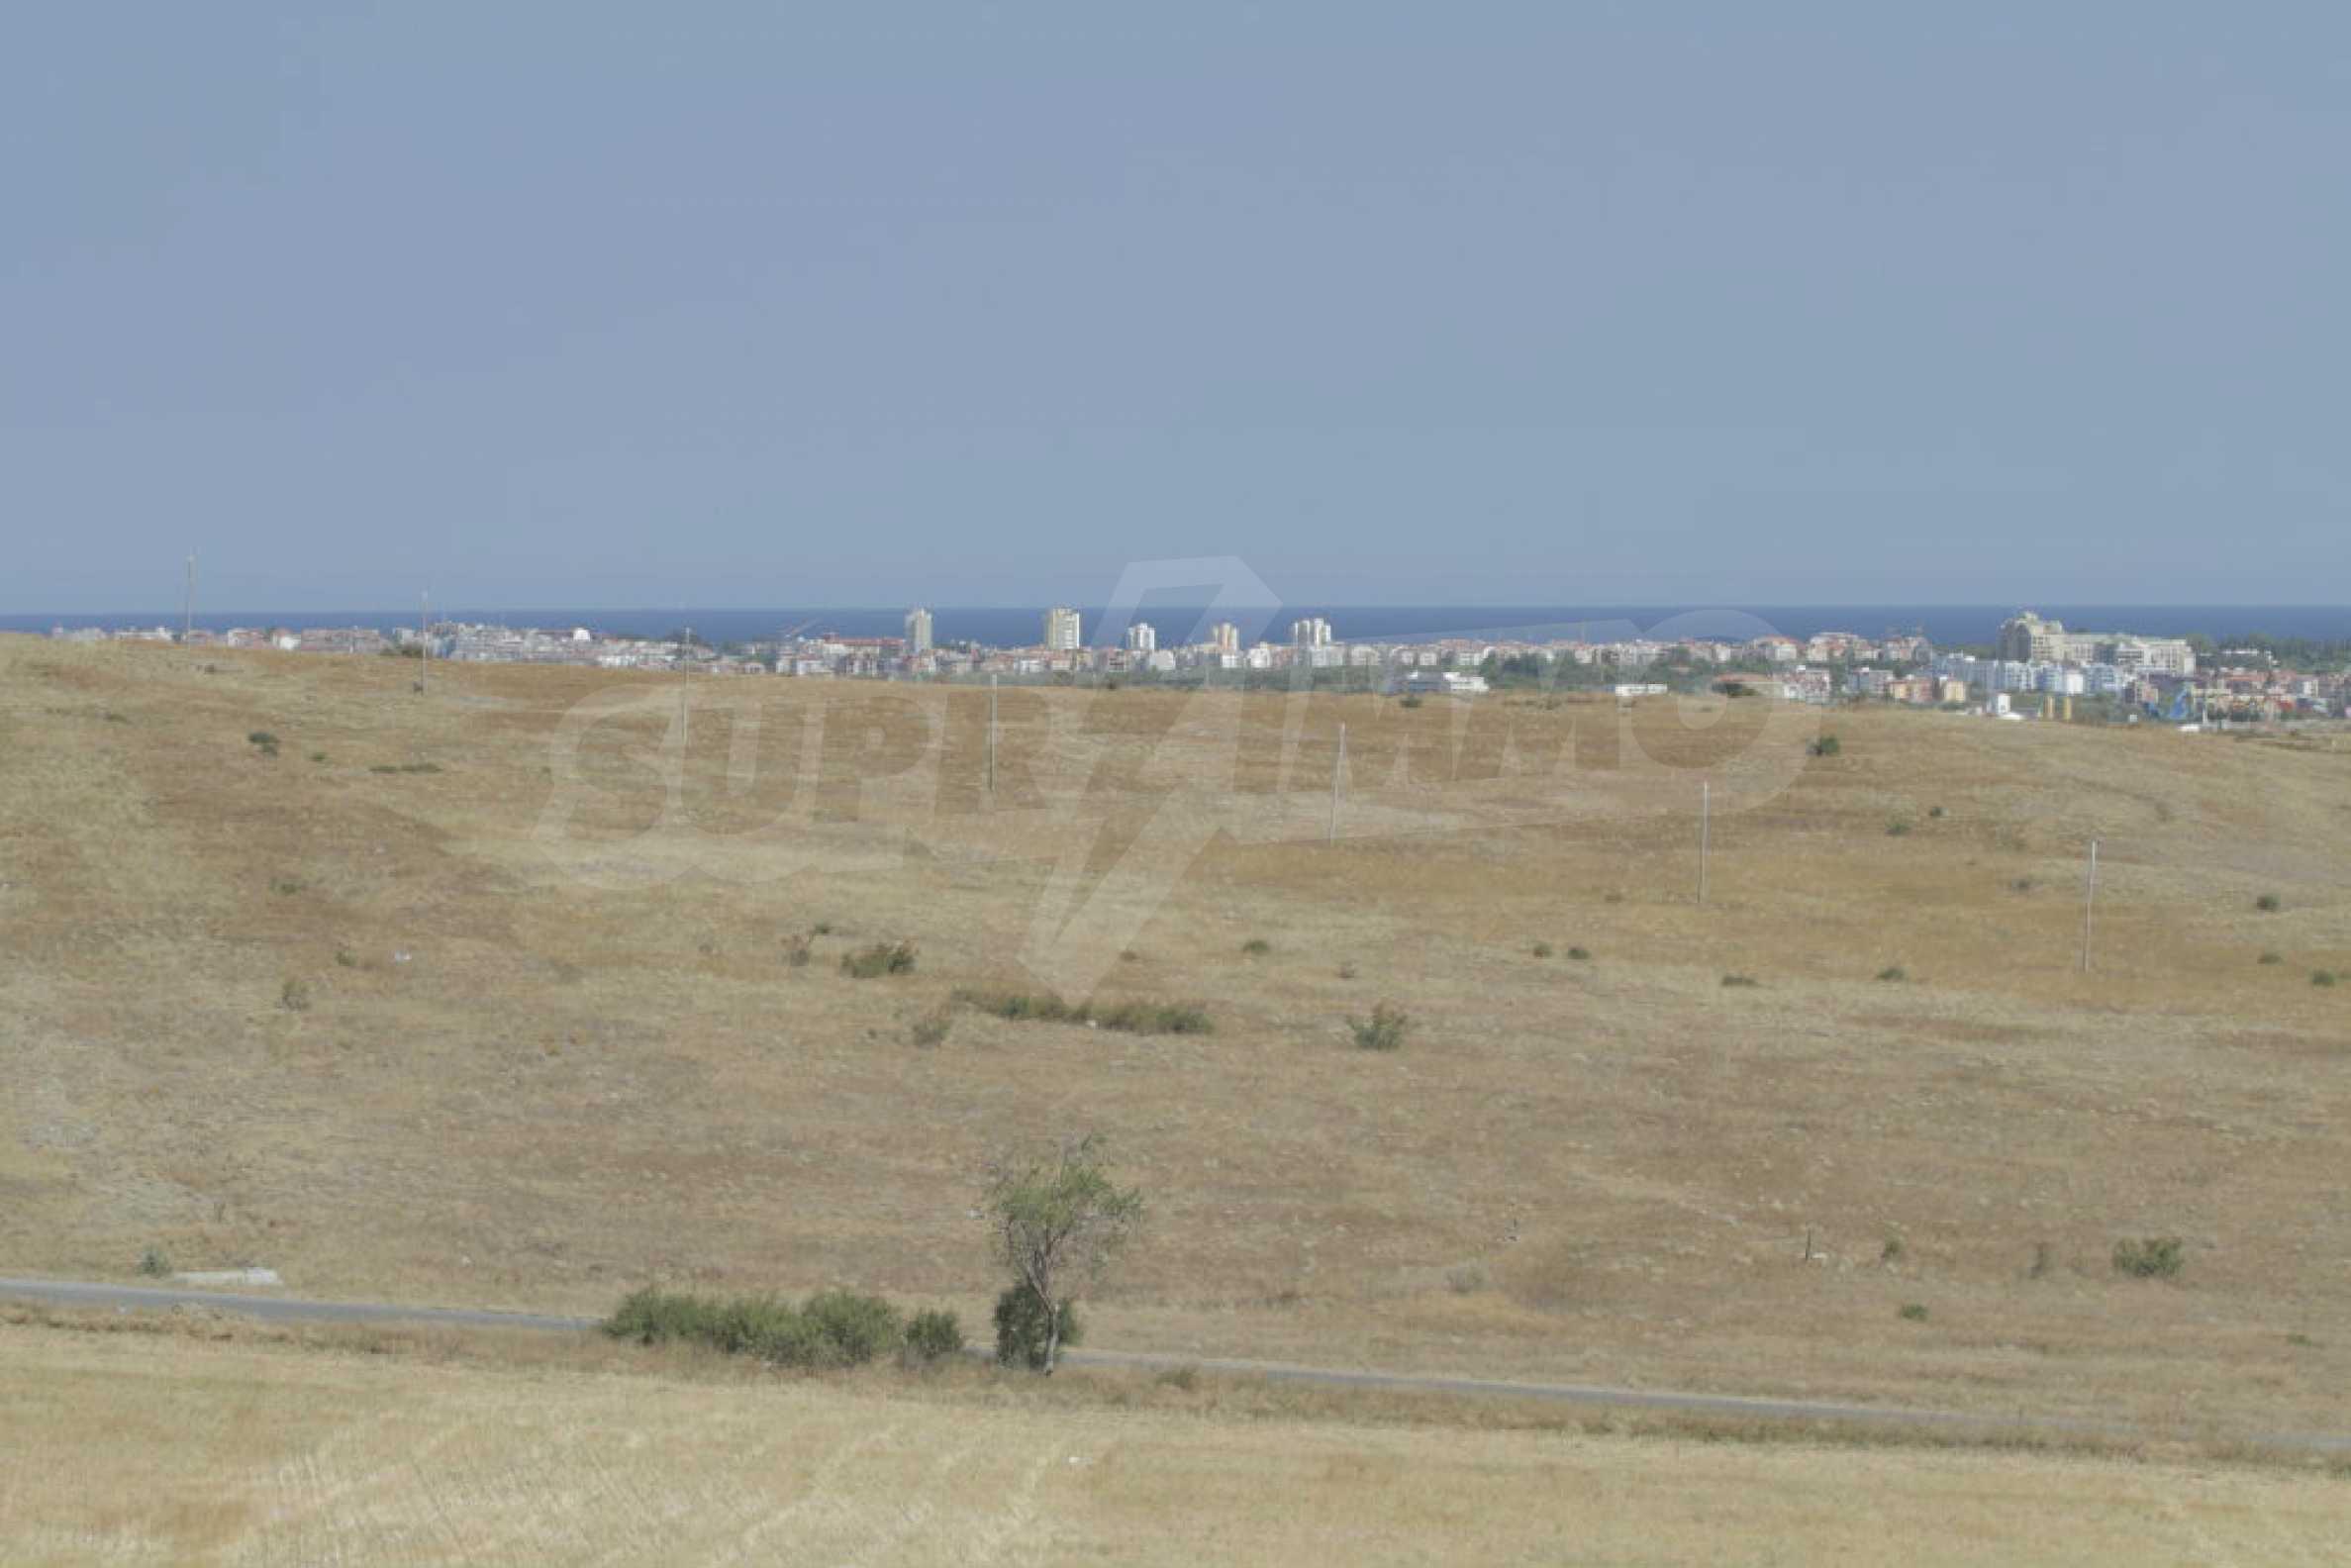 Attraktives Grundstück für Investieren in der Nähe des historischen Komplexes Aheloy 917 und Sonnenstrand, bei Tankowo und Aheloy 11